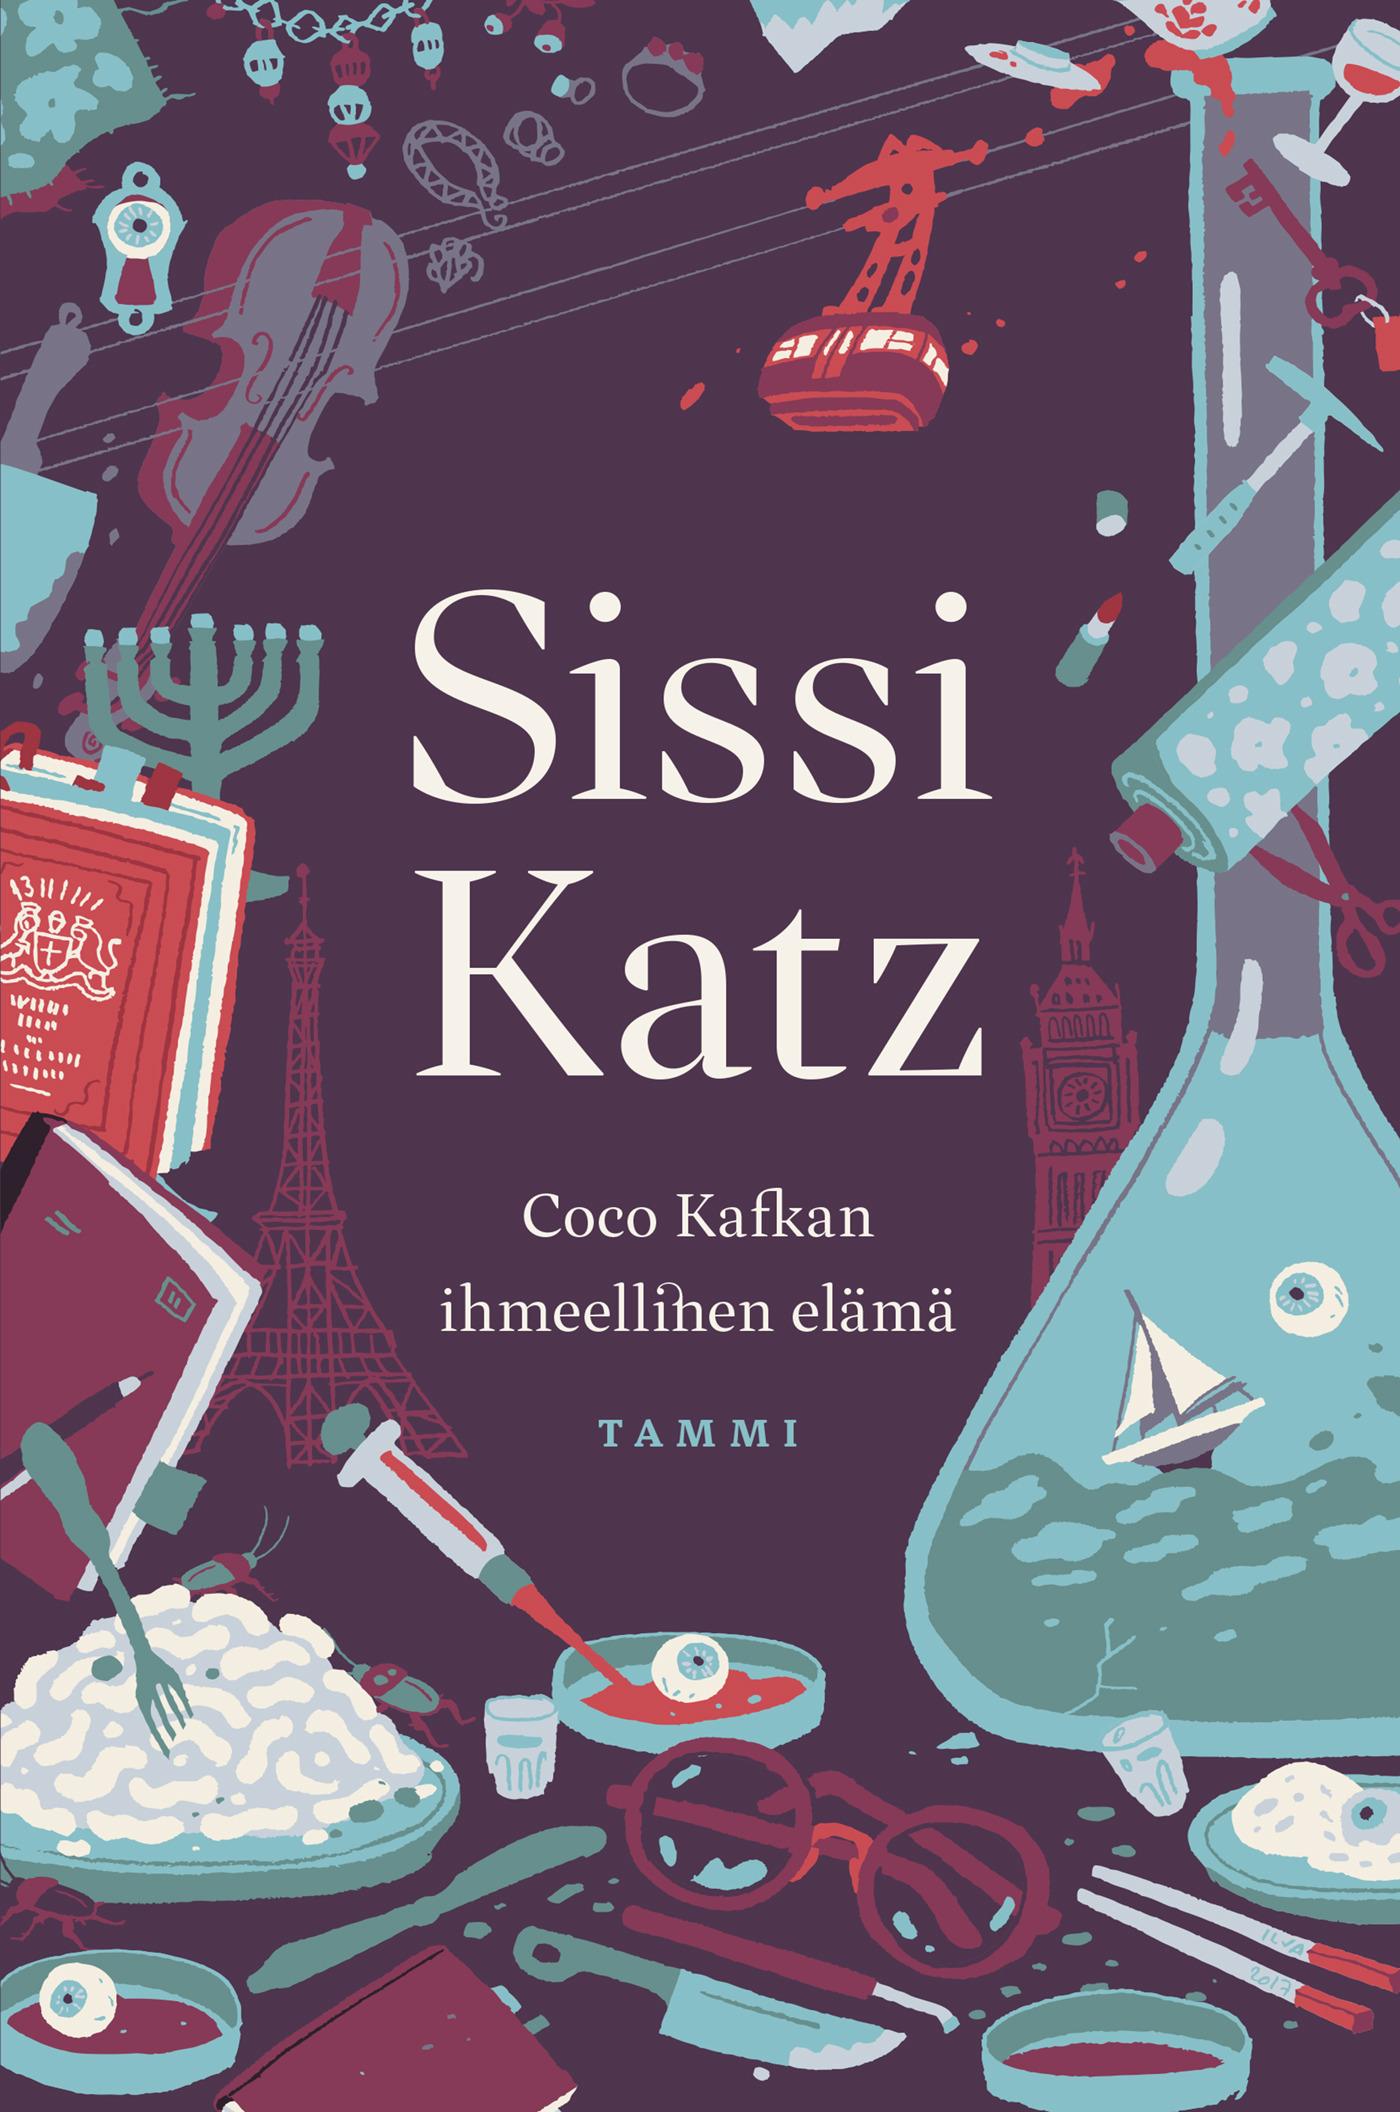 Katz, Sissi - Coco Kafkan ihmeellinen elämä, e-kirja